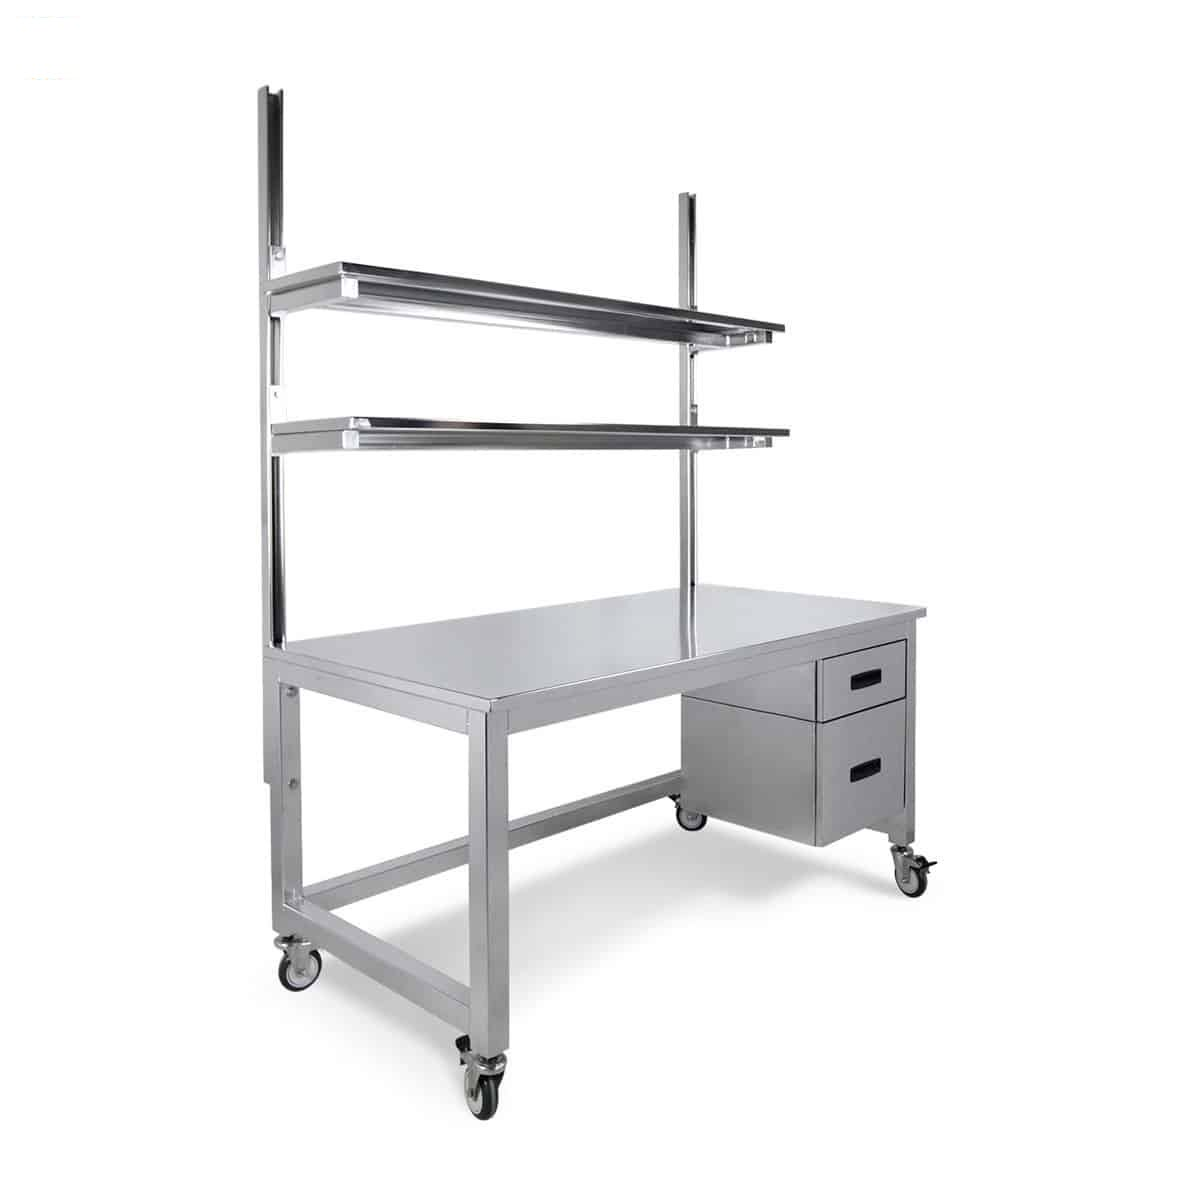 stainless steel bench upper shelves